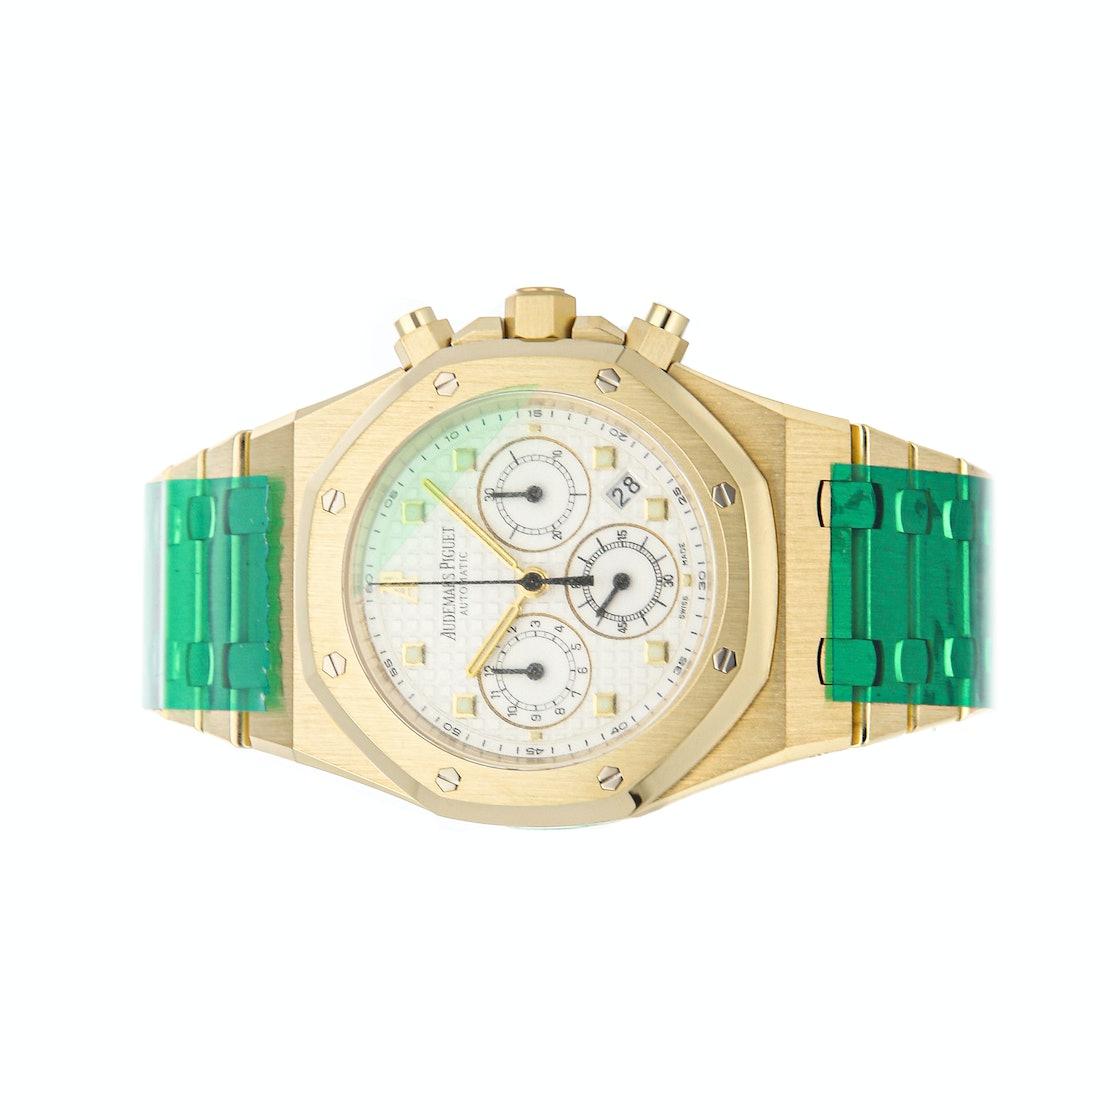 Audemars Piguet Royal Oak Chronograph 25960BA.OO.1185BA.01